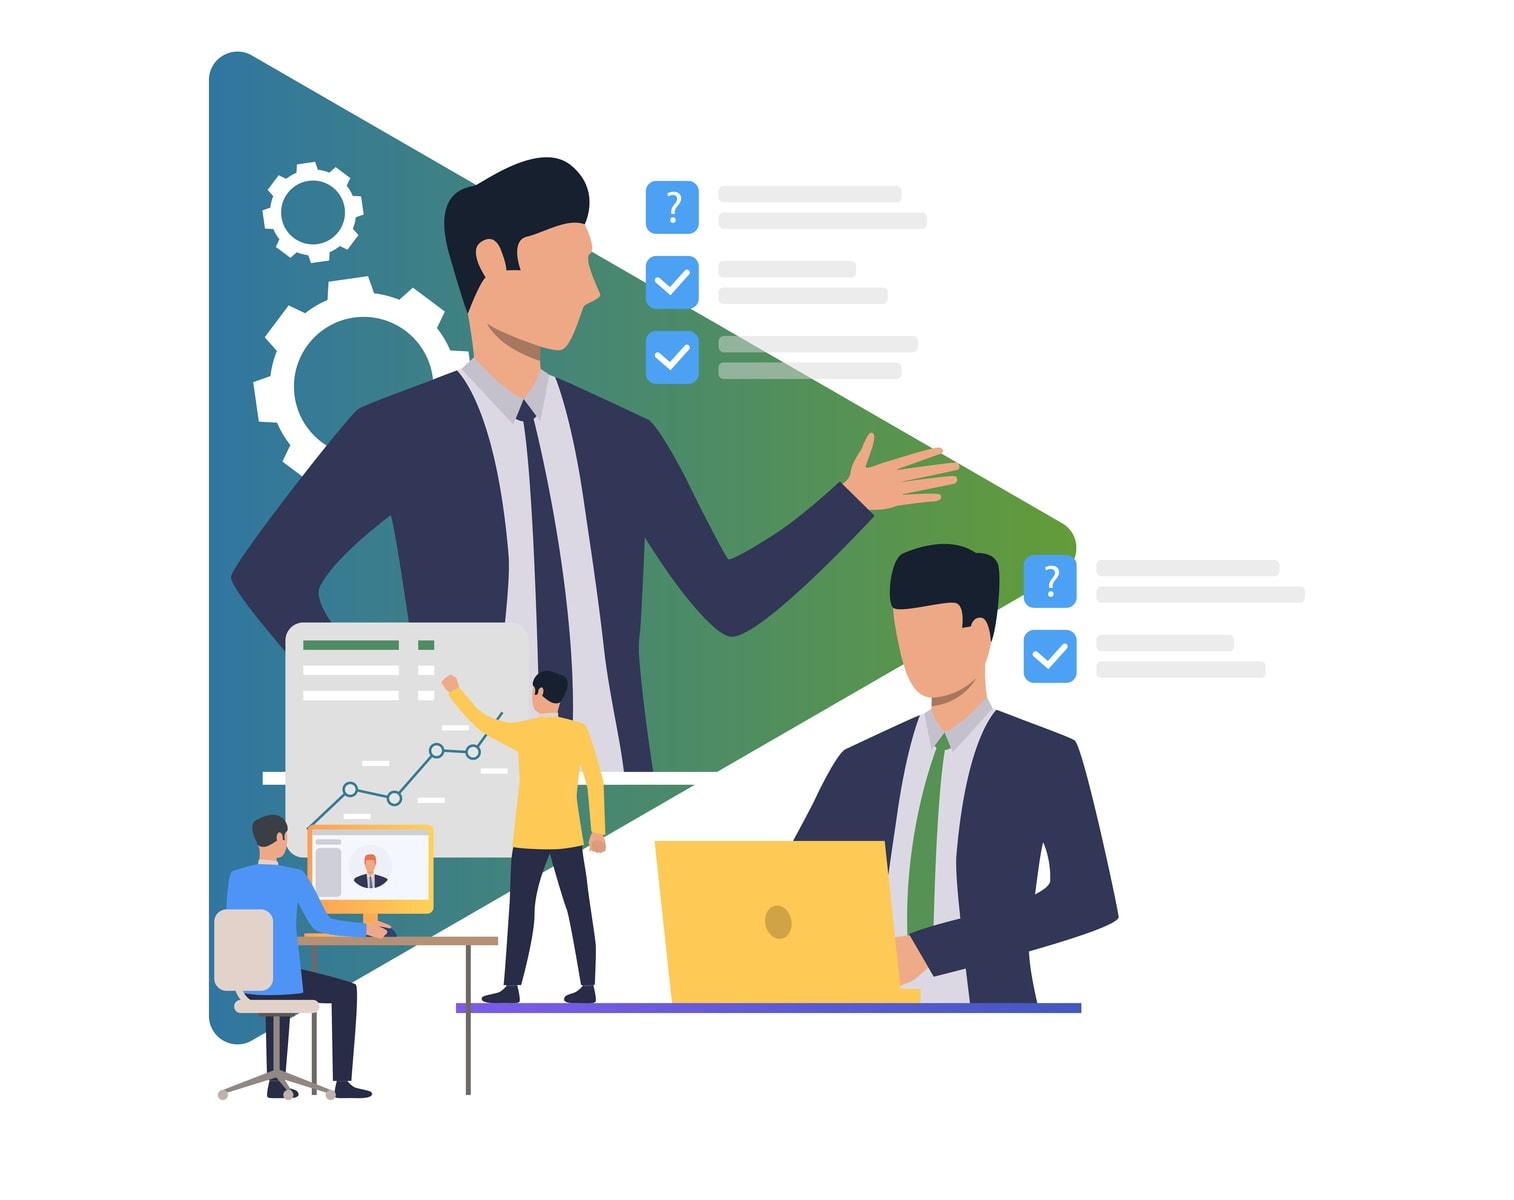 وبلاگ کسب و کار